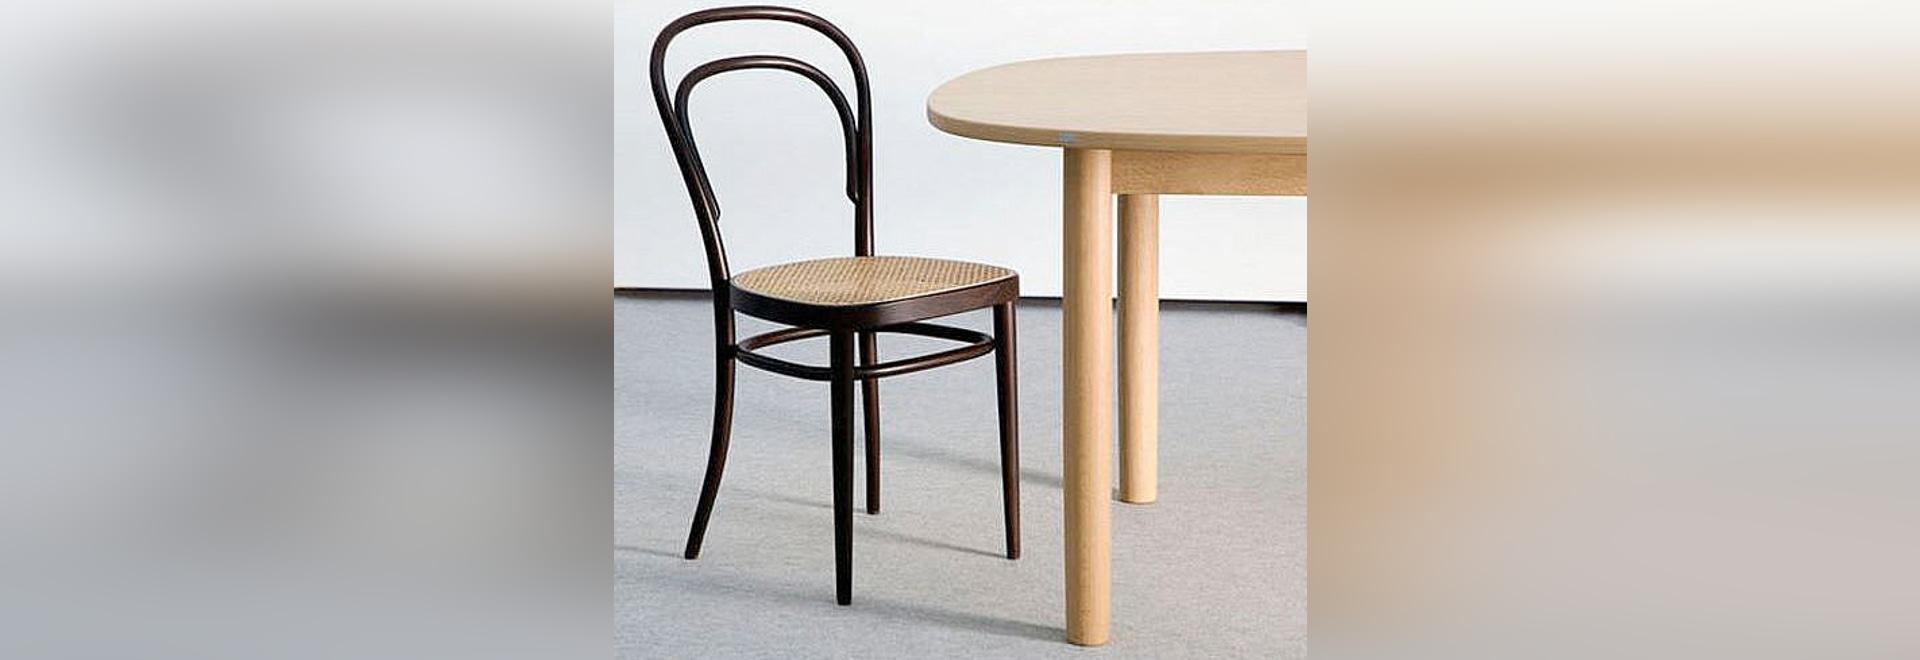 Simplement légendaire : l'exemple de succès unique de la chaise originale 214 de café de Thonets Vienne